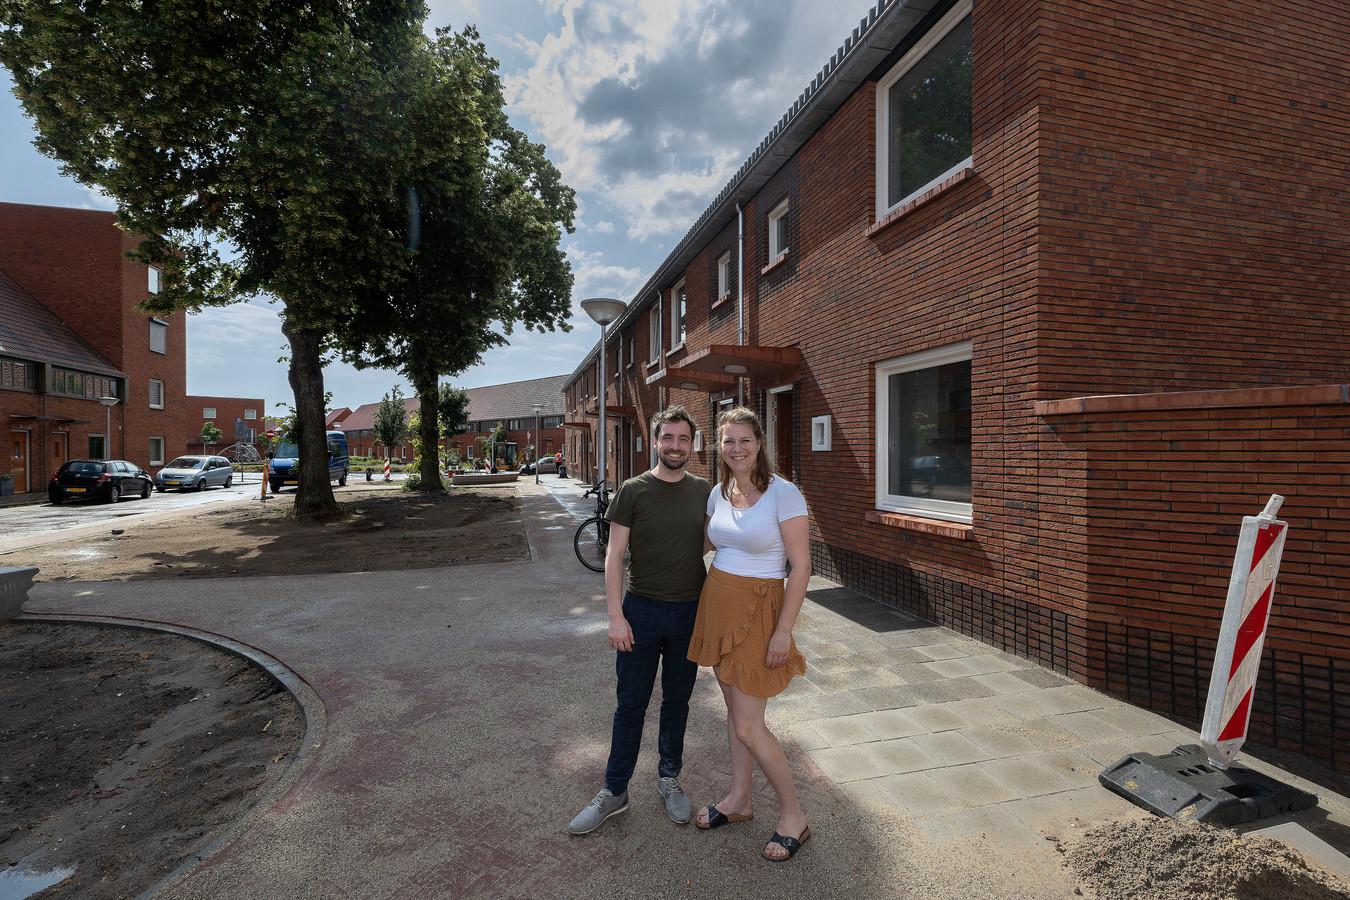 Sander Winters en Jitske Dauwerse, een van de vijftien huurders van Trudo in Eindhoven met een middeninkomen die nu met korting een woning hebben kunnen kopen via de corporatie.